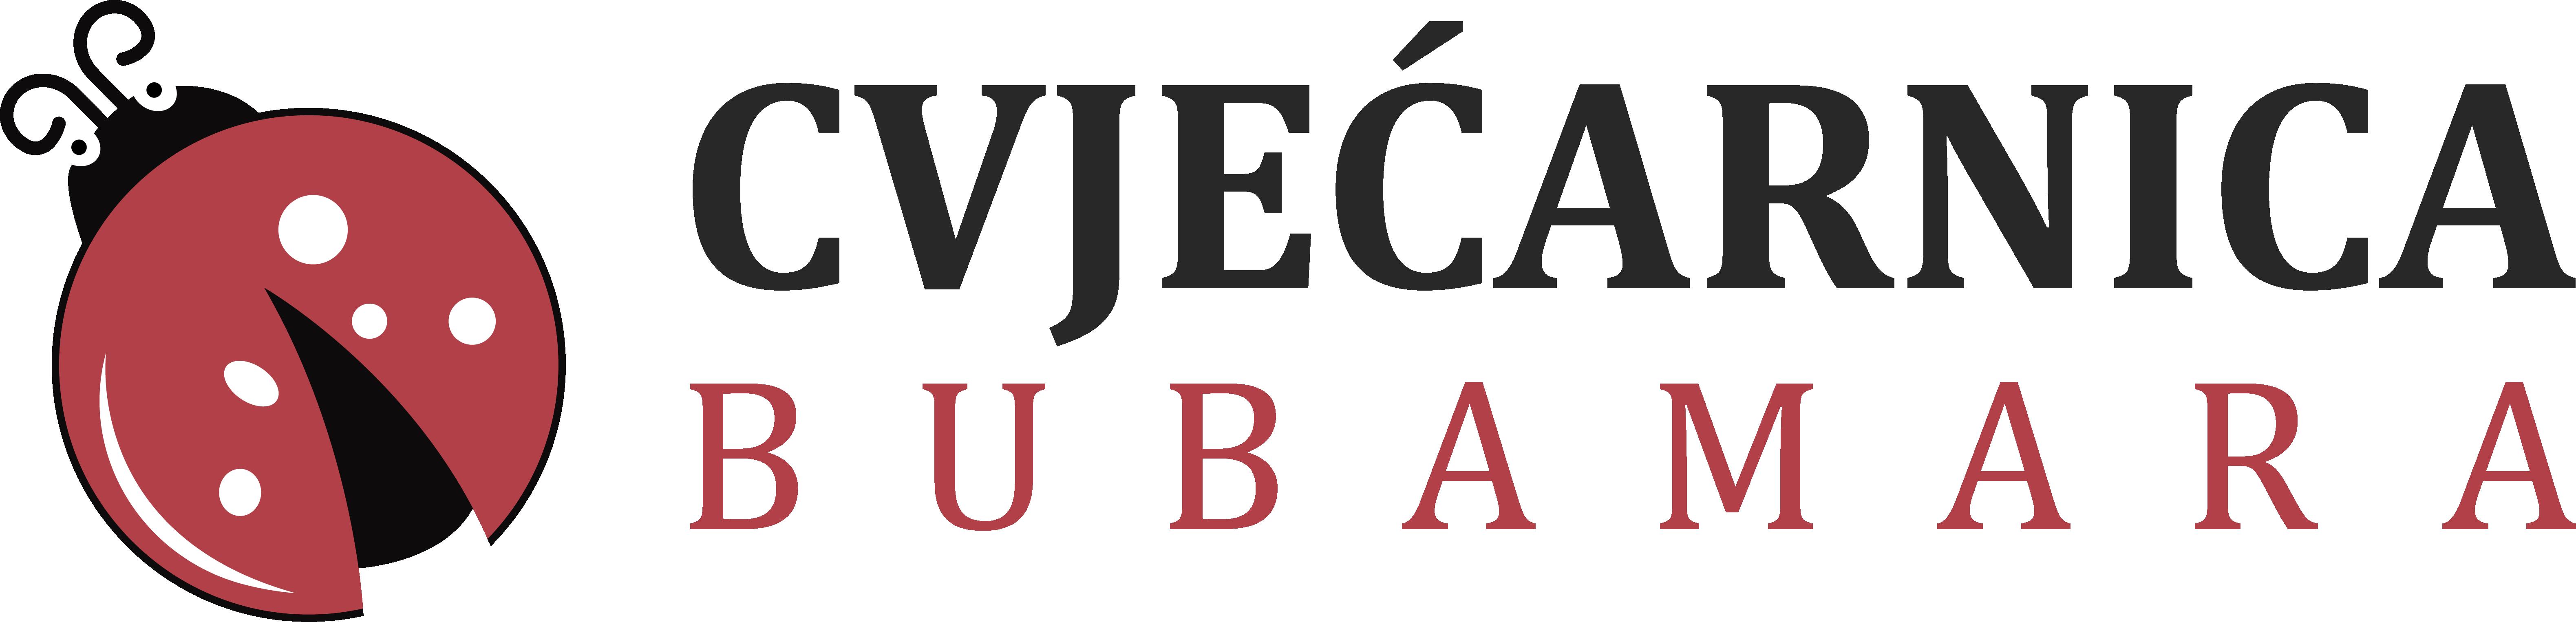 Cvjećarnica Bubamara